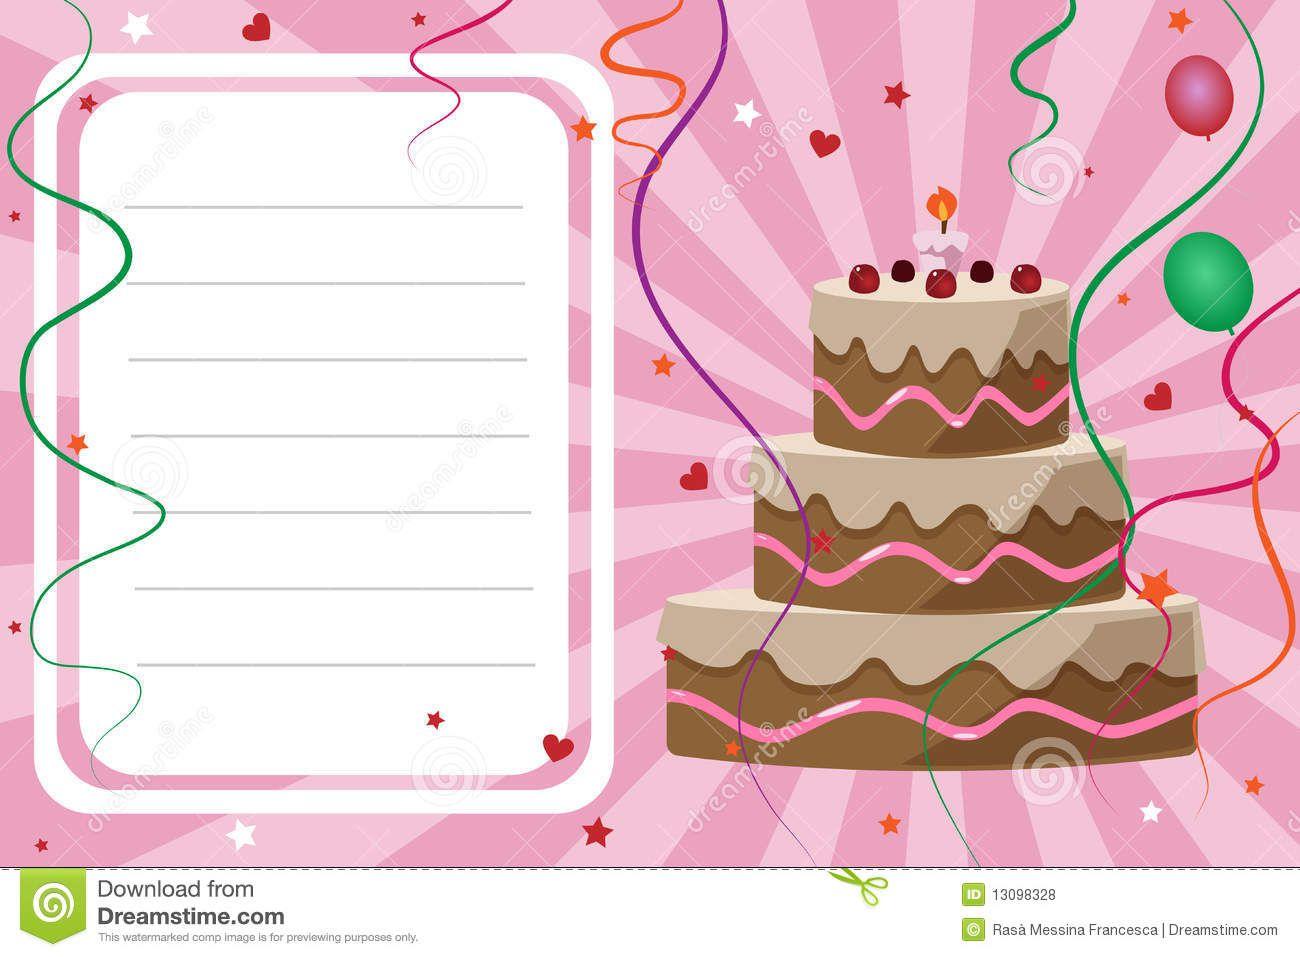 Carte invitation anniversaire fille originale